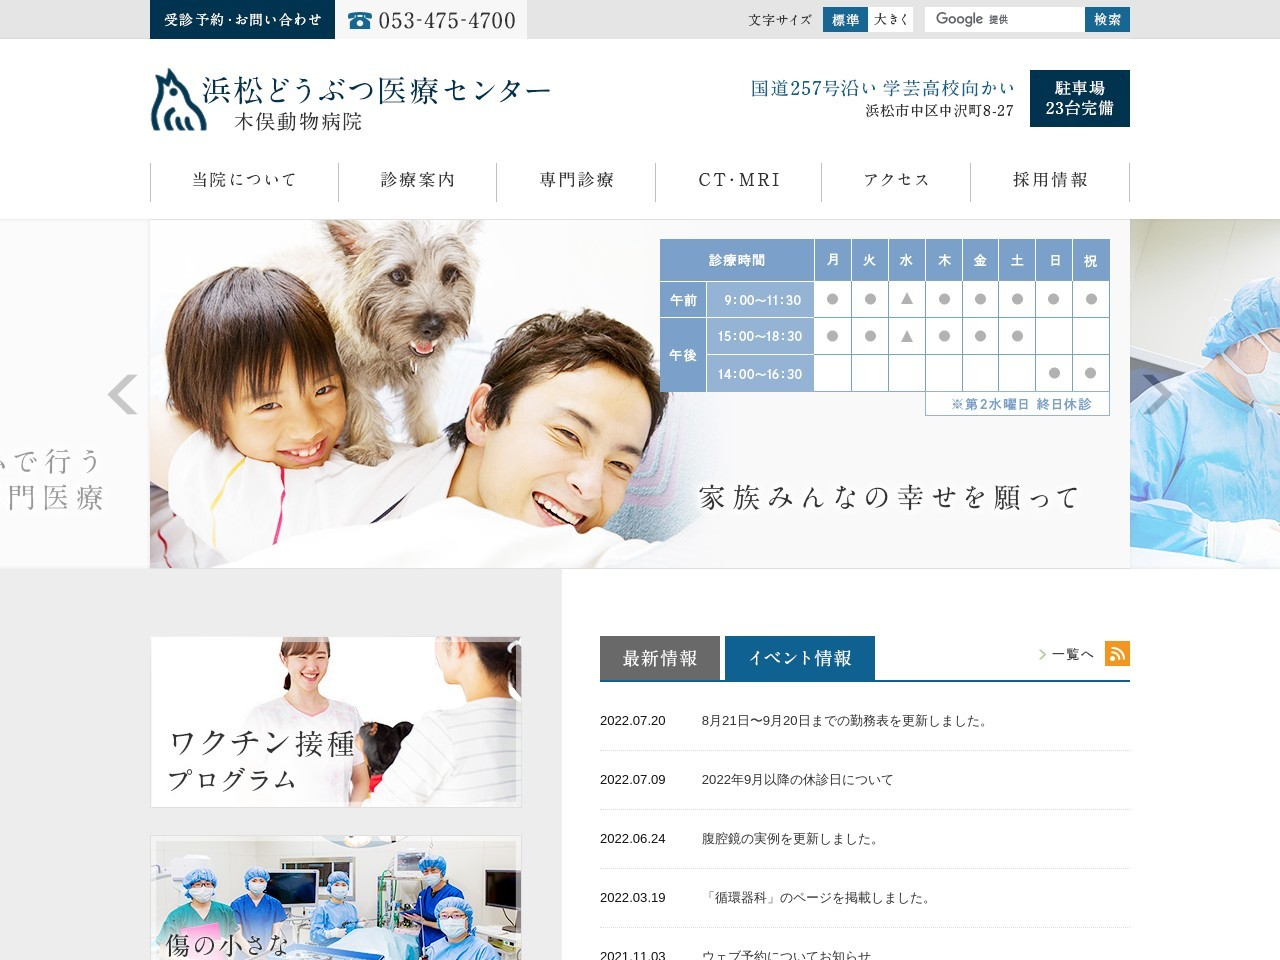 http://kimata-ah.com